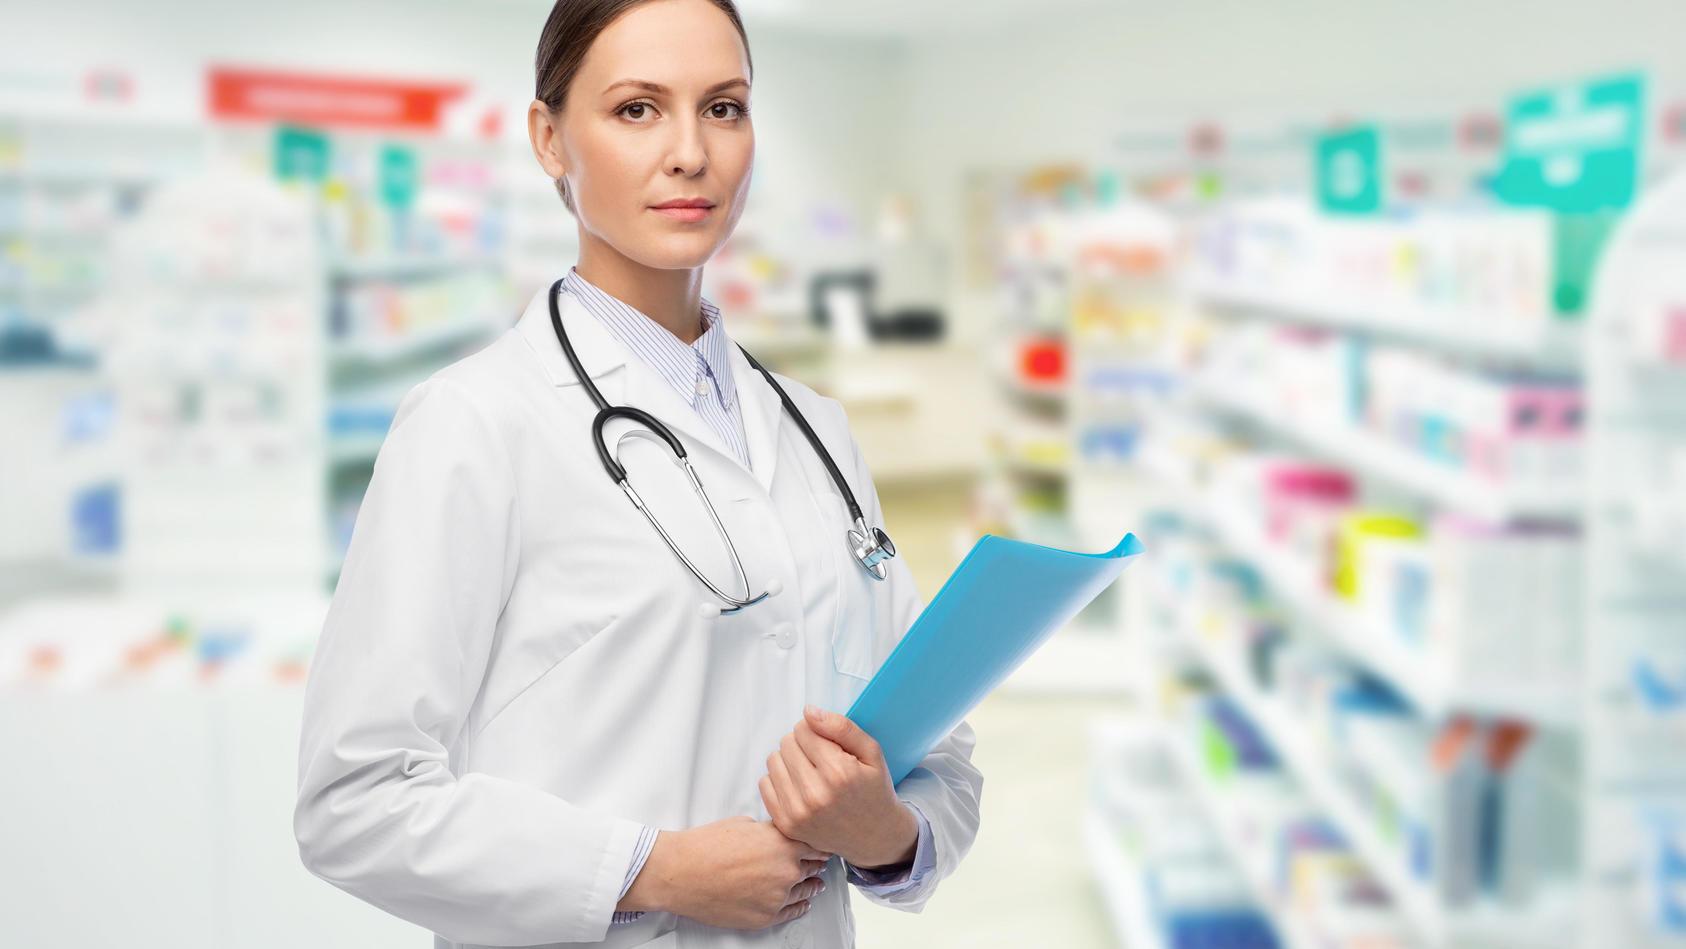 Ärztinnen und Ärzte sind weiter die Topverdiener in Deutschland.